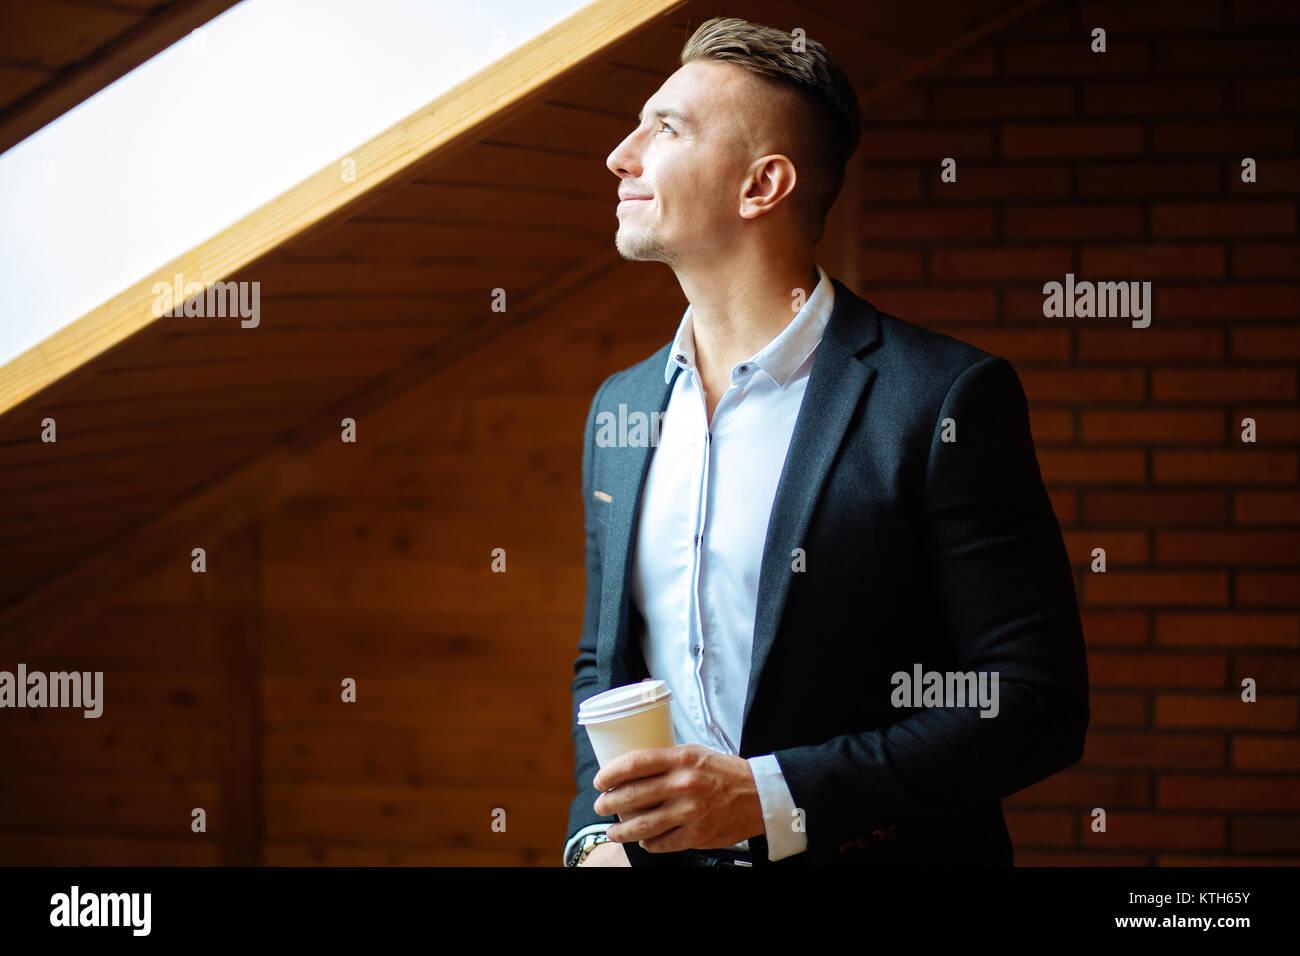 Gut aussehender Geschäftsmann trinken Kaffee im Haus und der Weg der Suche Stockbild